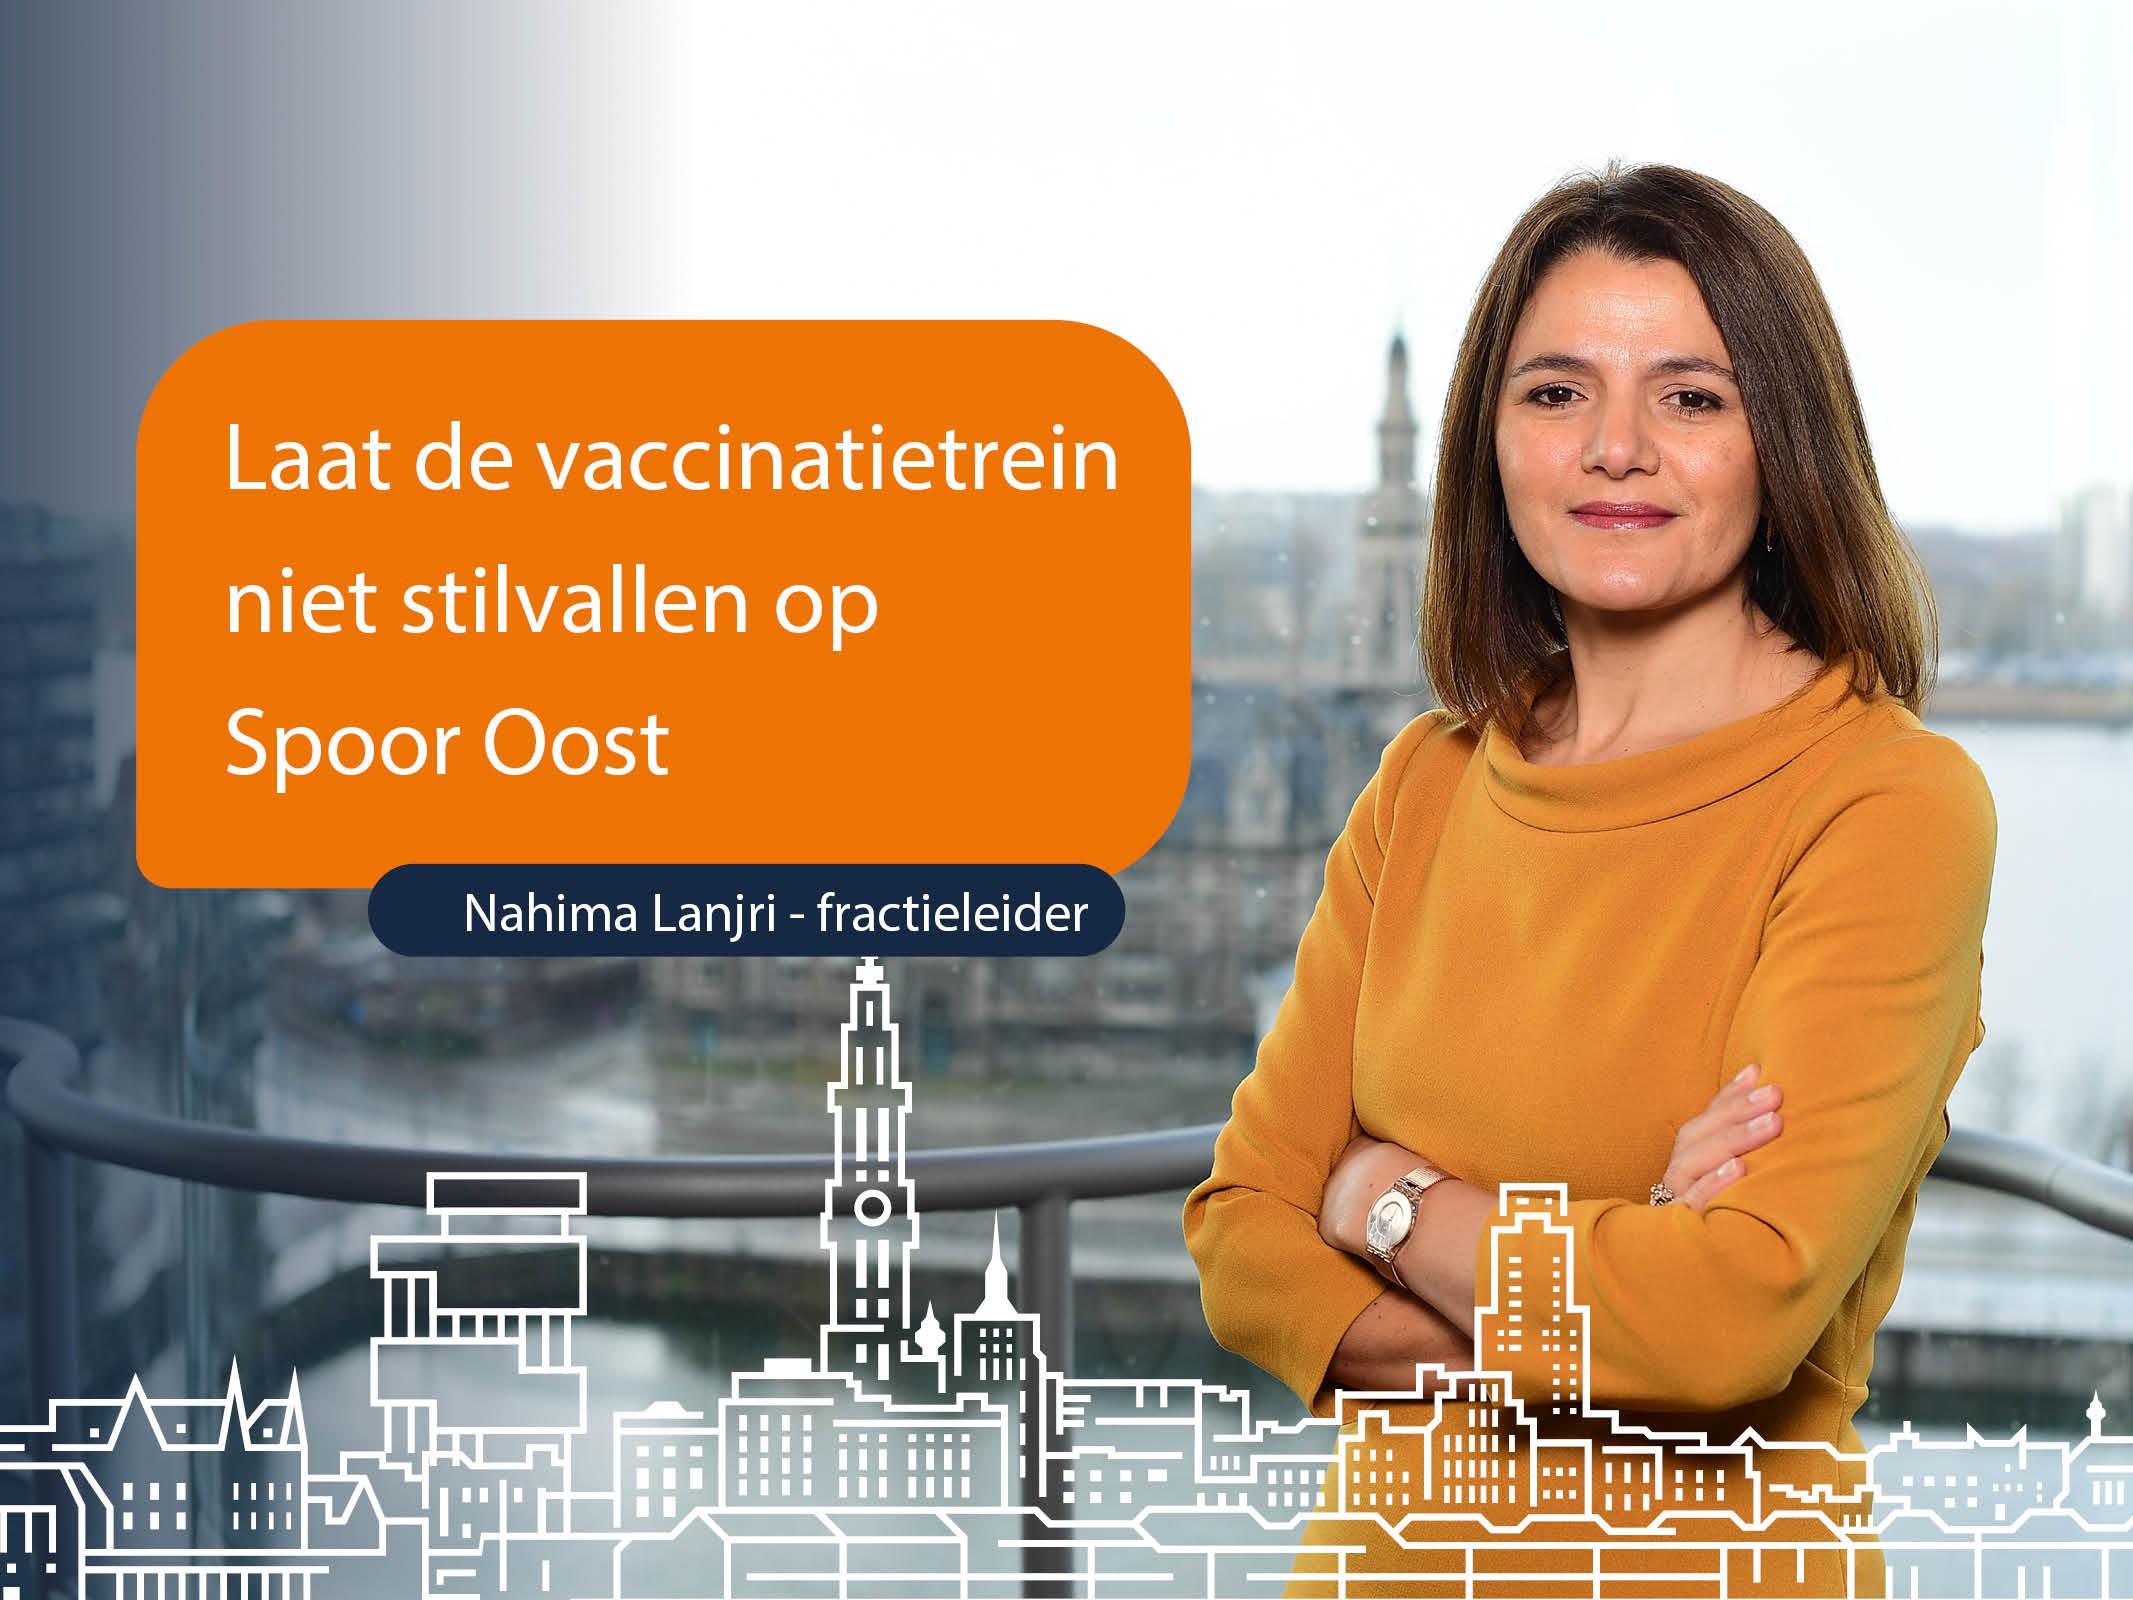 De vaccinatietrein op Spoor Oost mag niet stilvallen